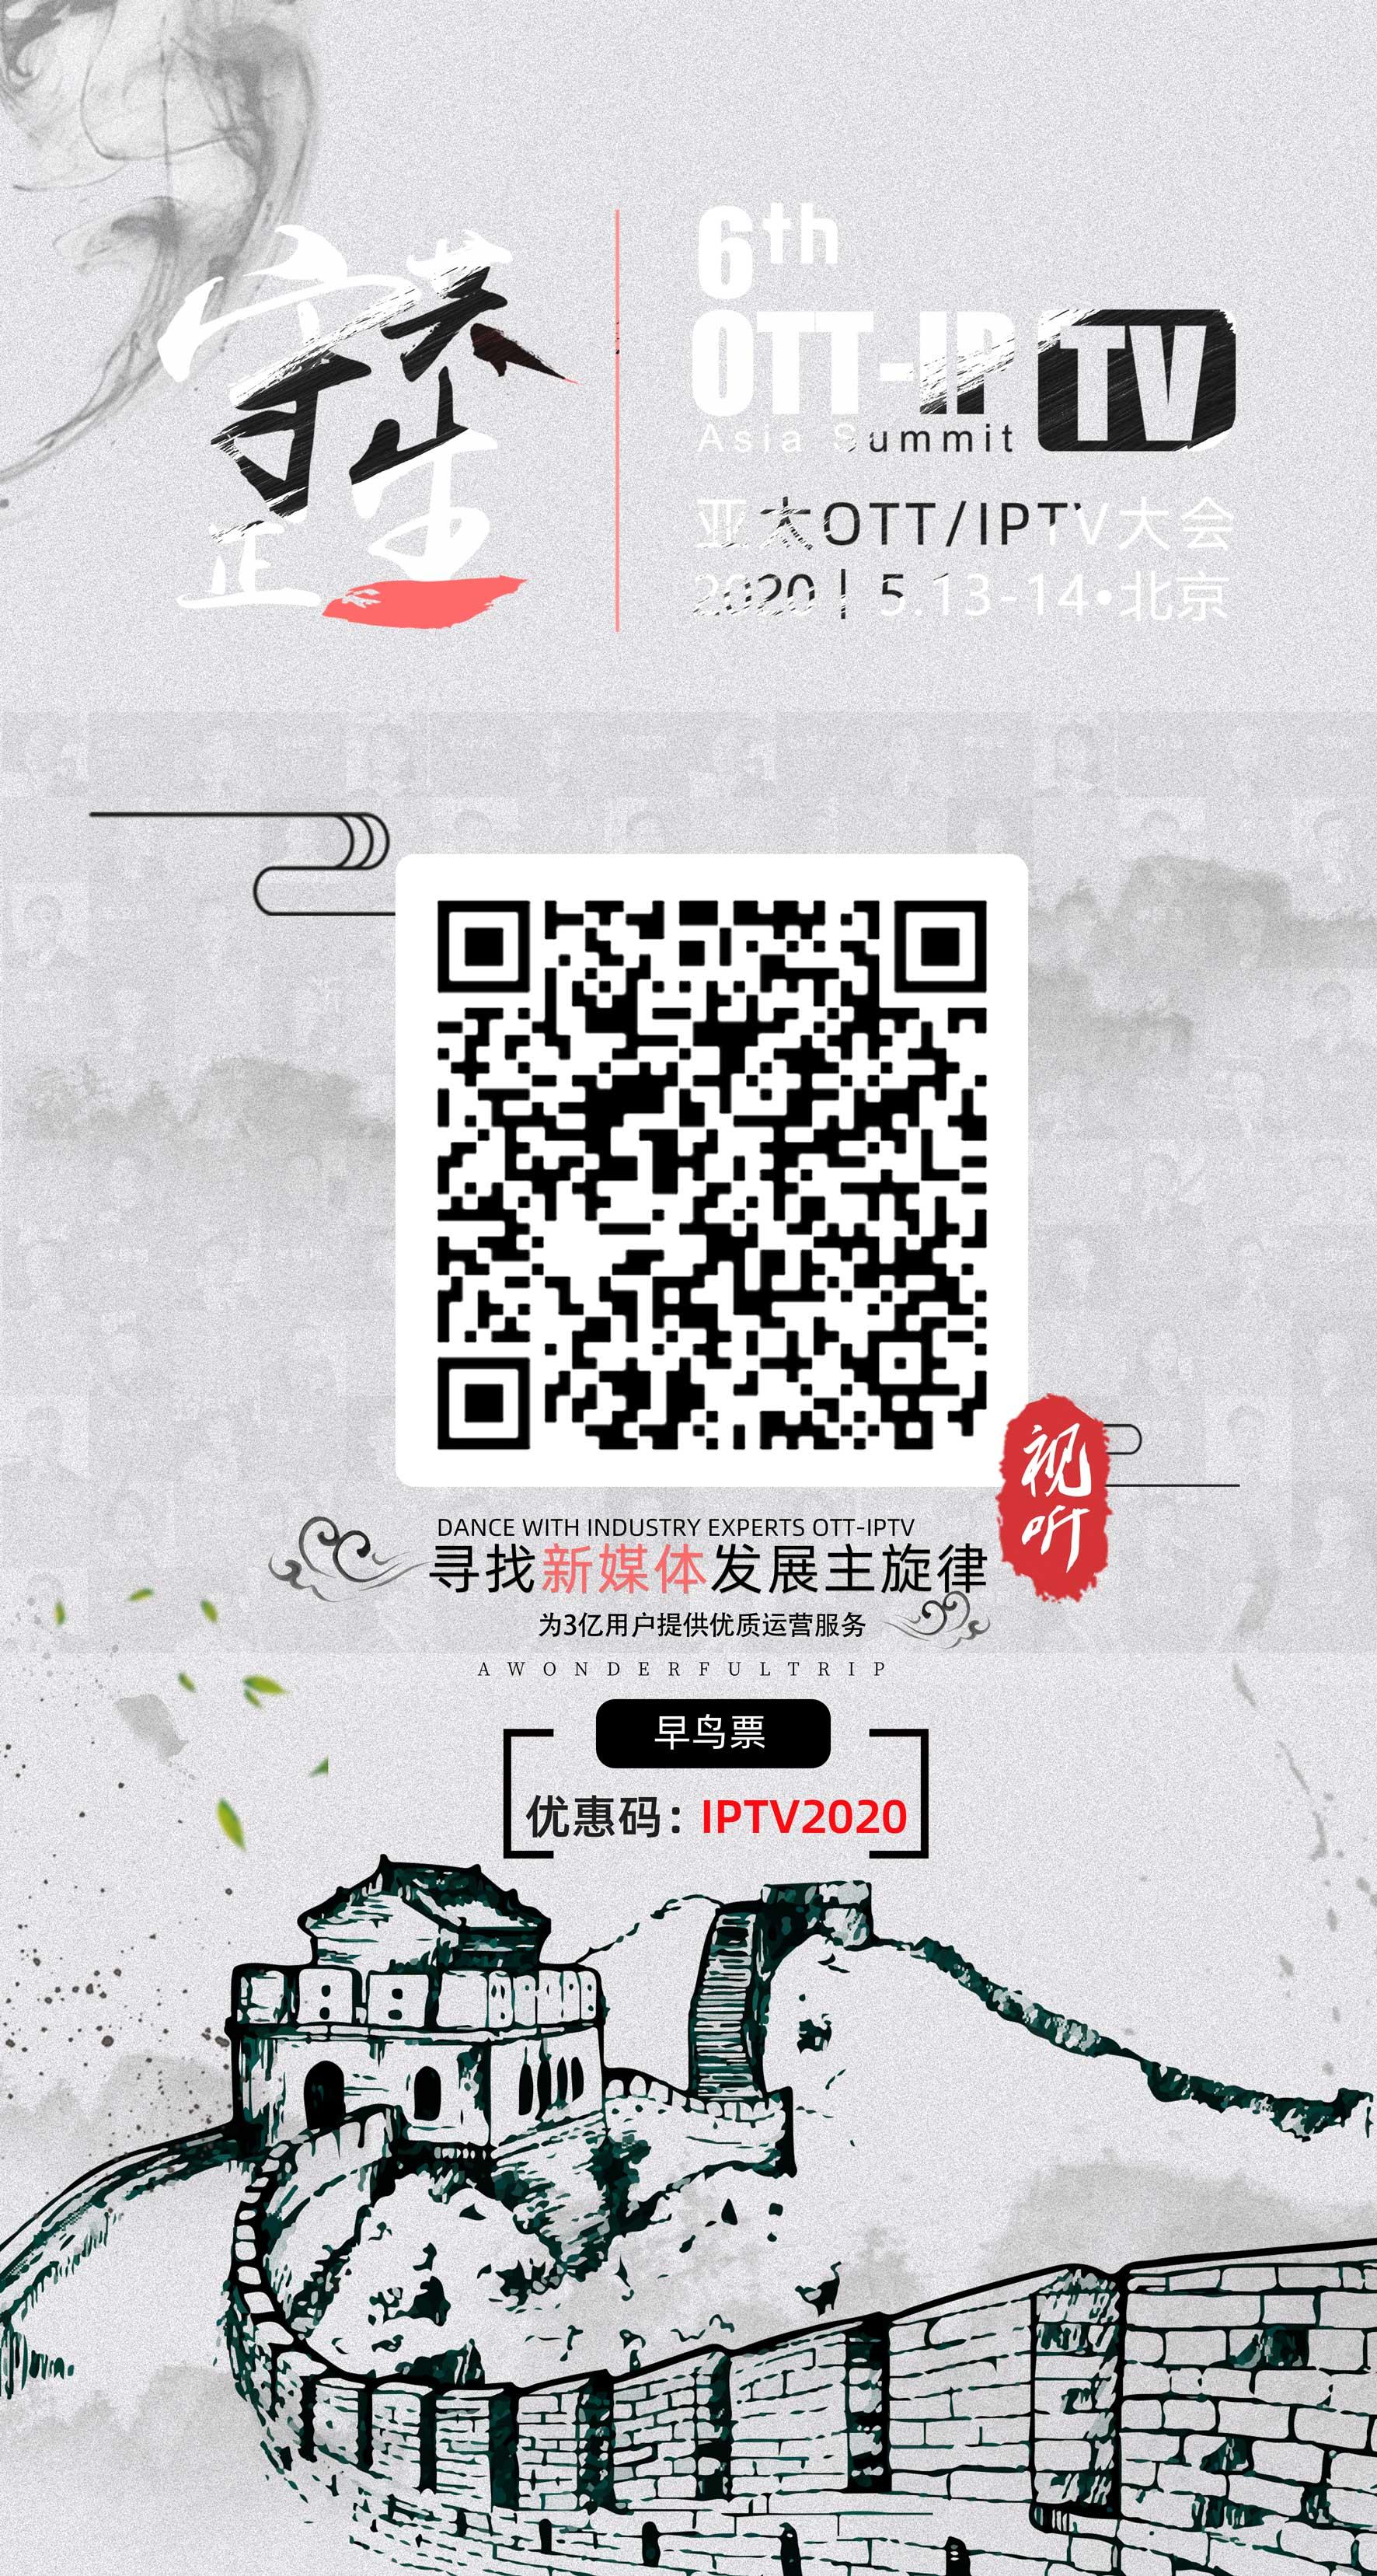 江门广电有线宽带网_2020亚太OTT-IPTV大会 - 众视有线 -运营商科技媒体|广电网络CATV有线 ...